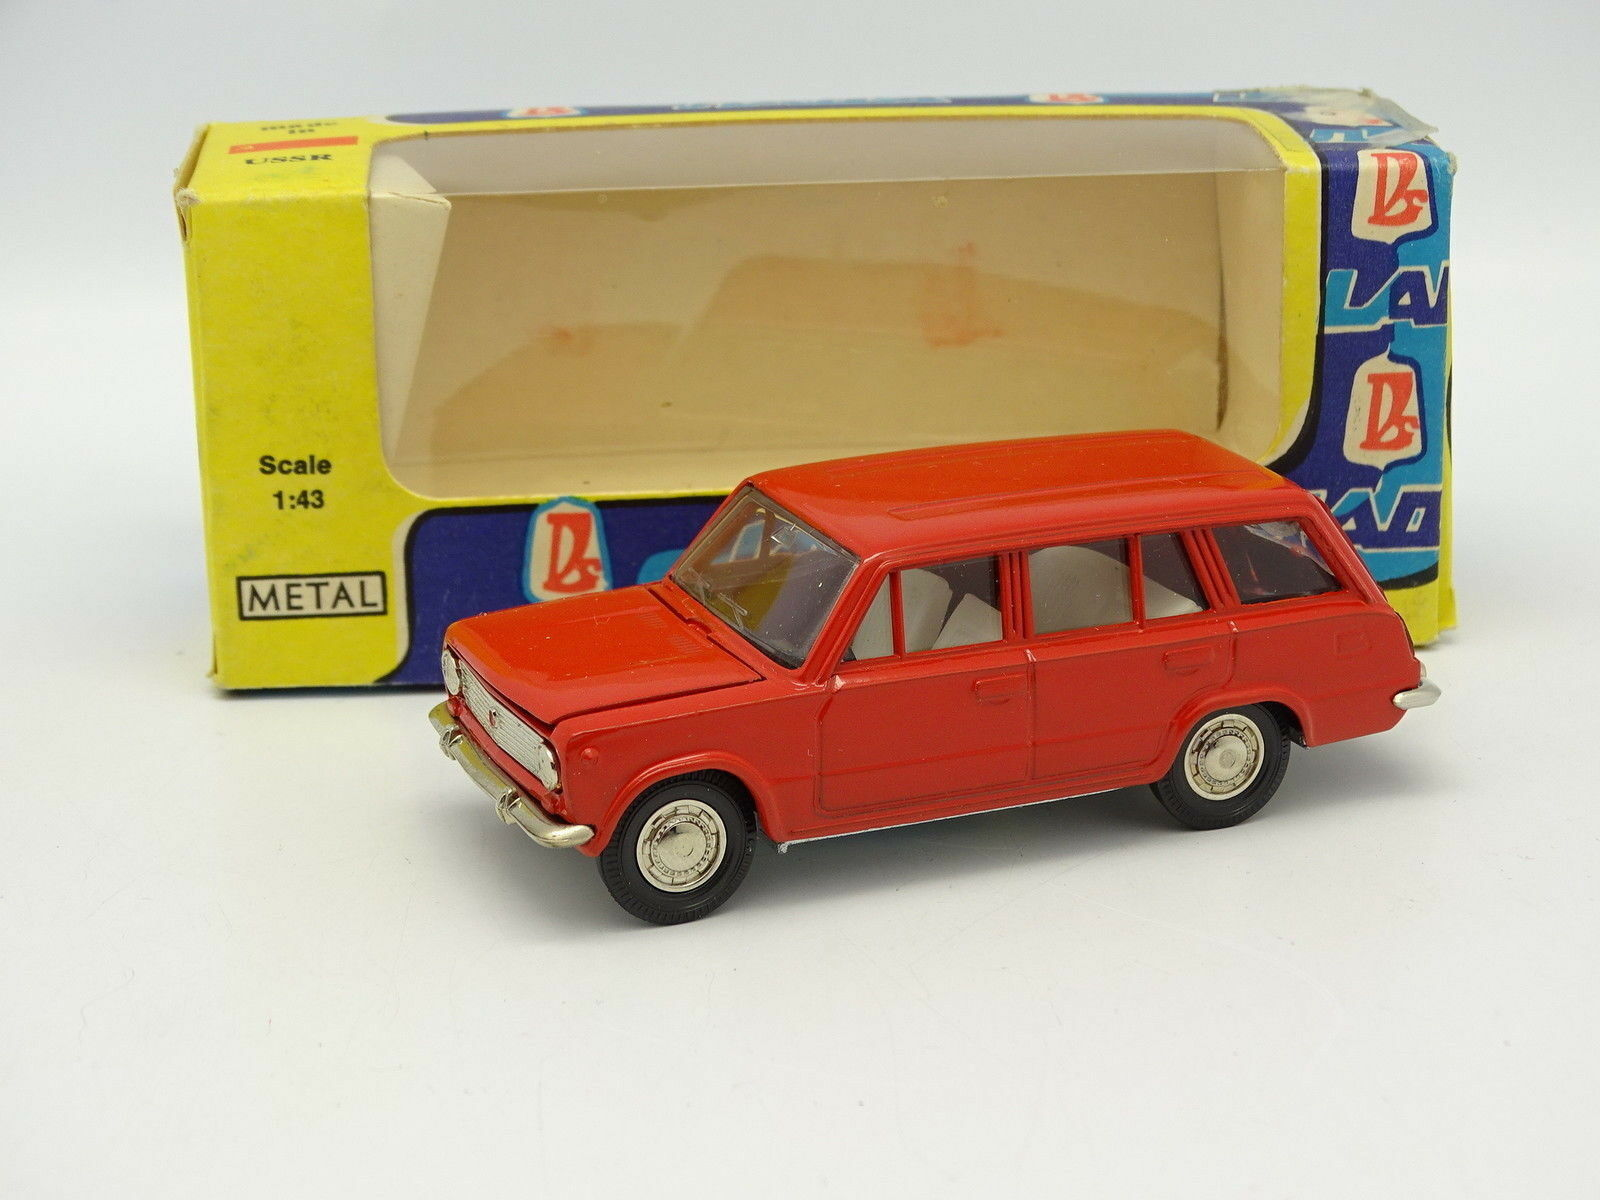 Russie 1 43 - Moskvitch Lada 2102 Break red A11 A11 A11 e10582